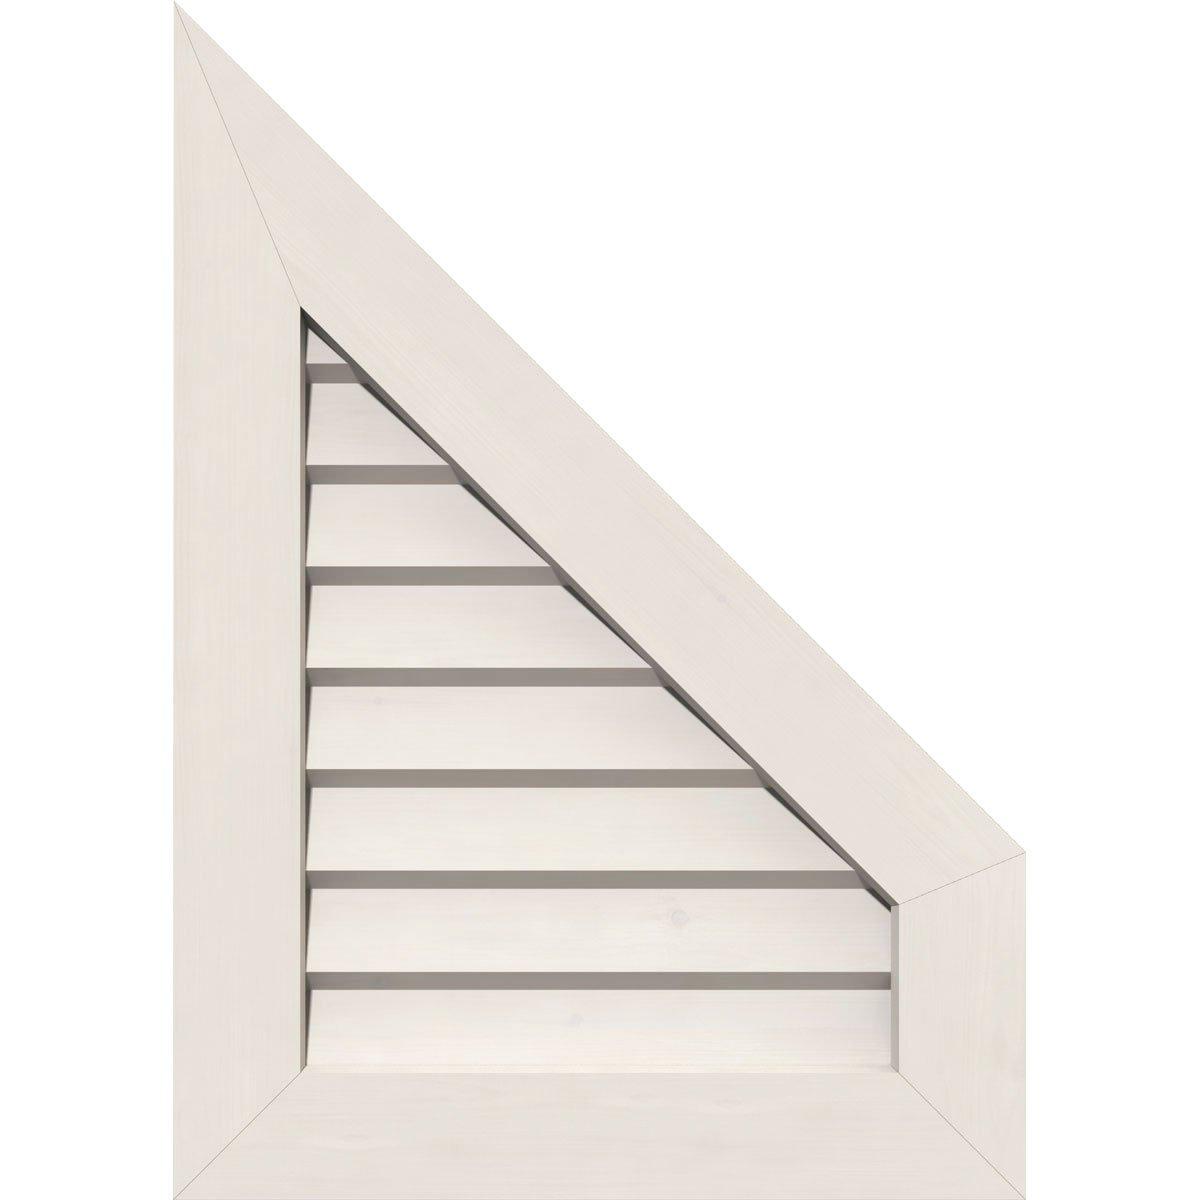 Ekena Millwork GVPPR16X2001DUN-12 Pvc Gable Vent, 16'' W x 20'' H (21'' W x 25'' H Frame Size), White